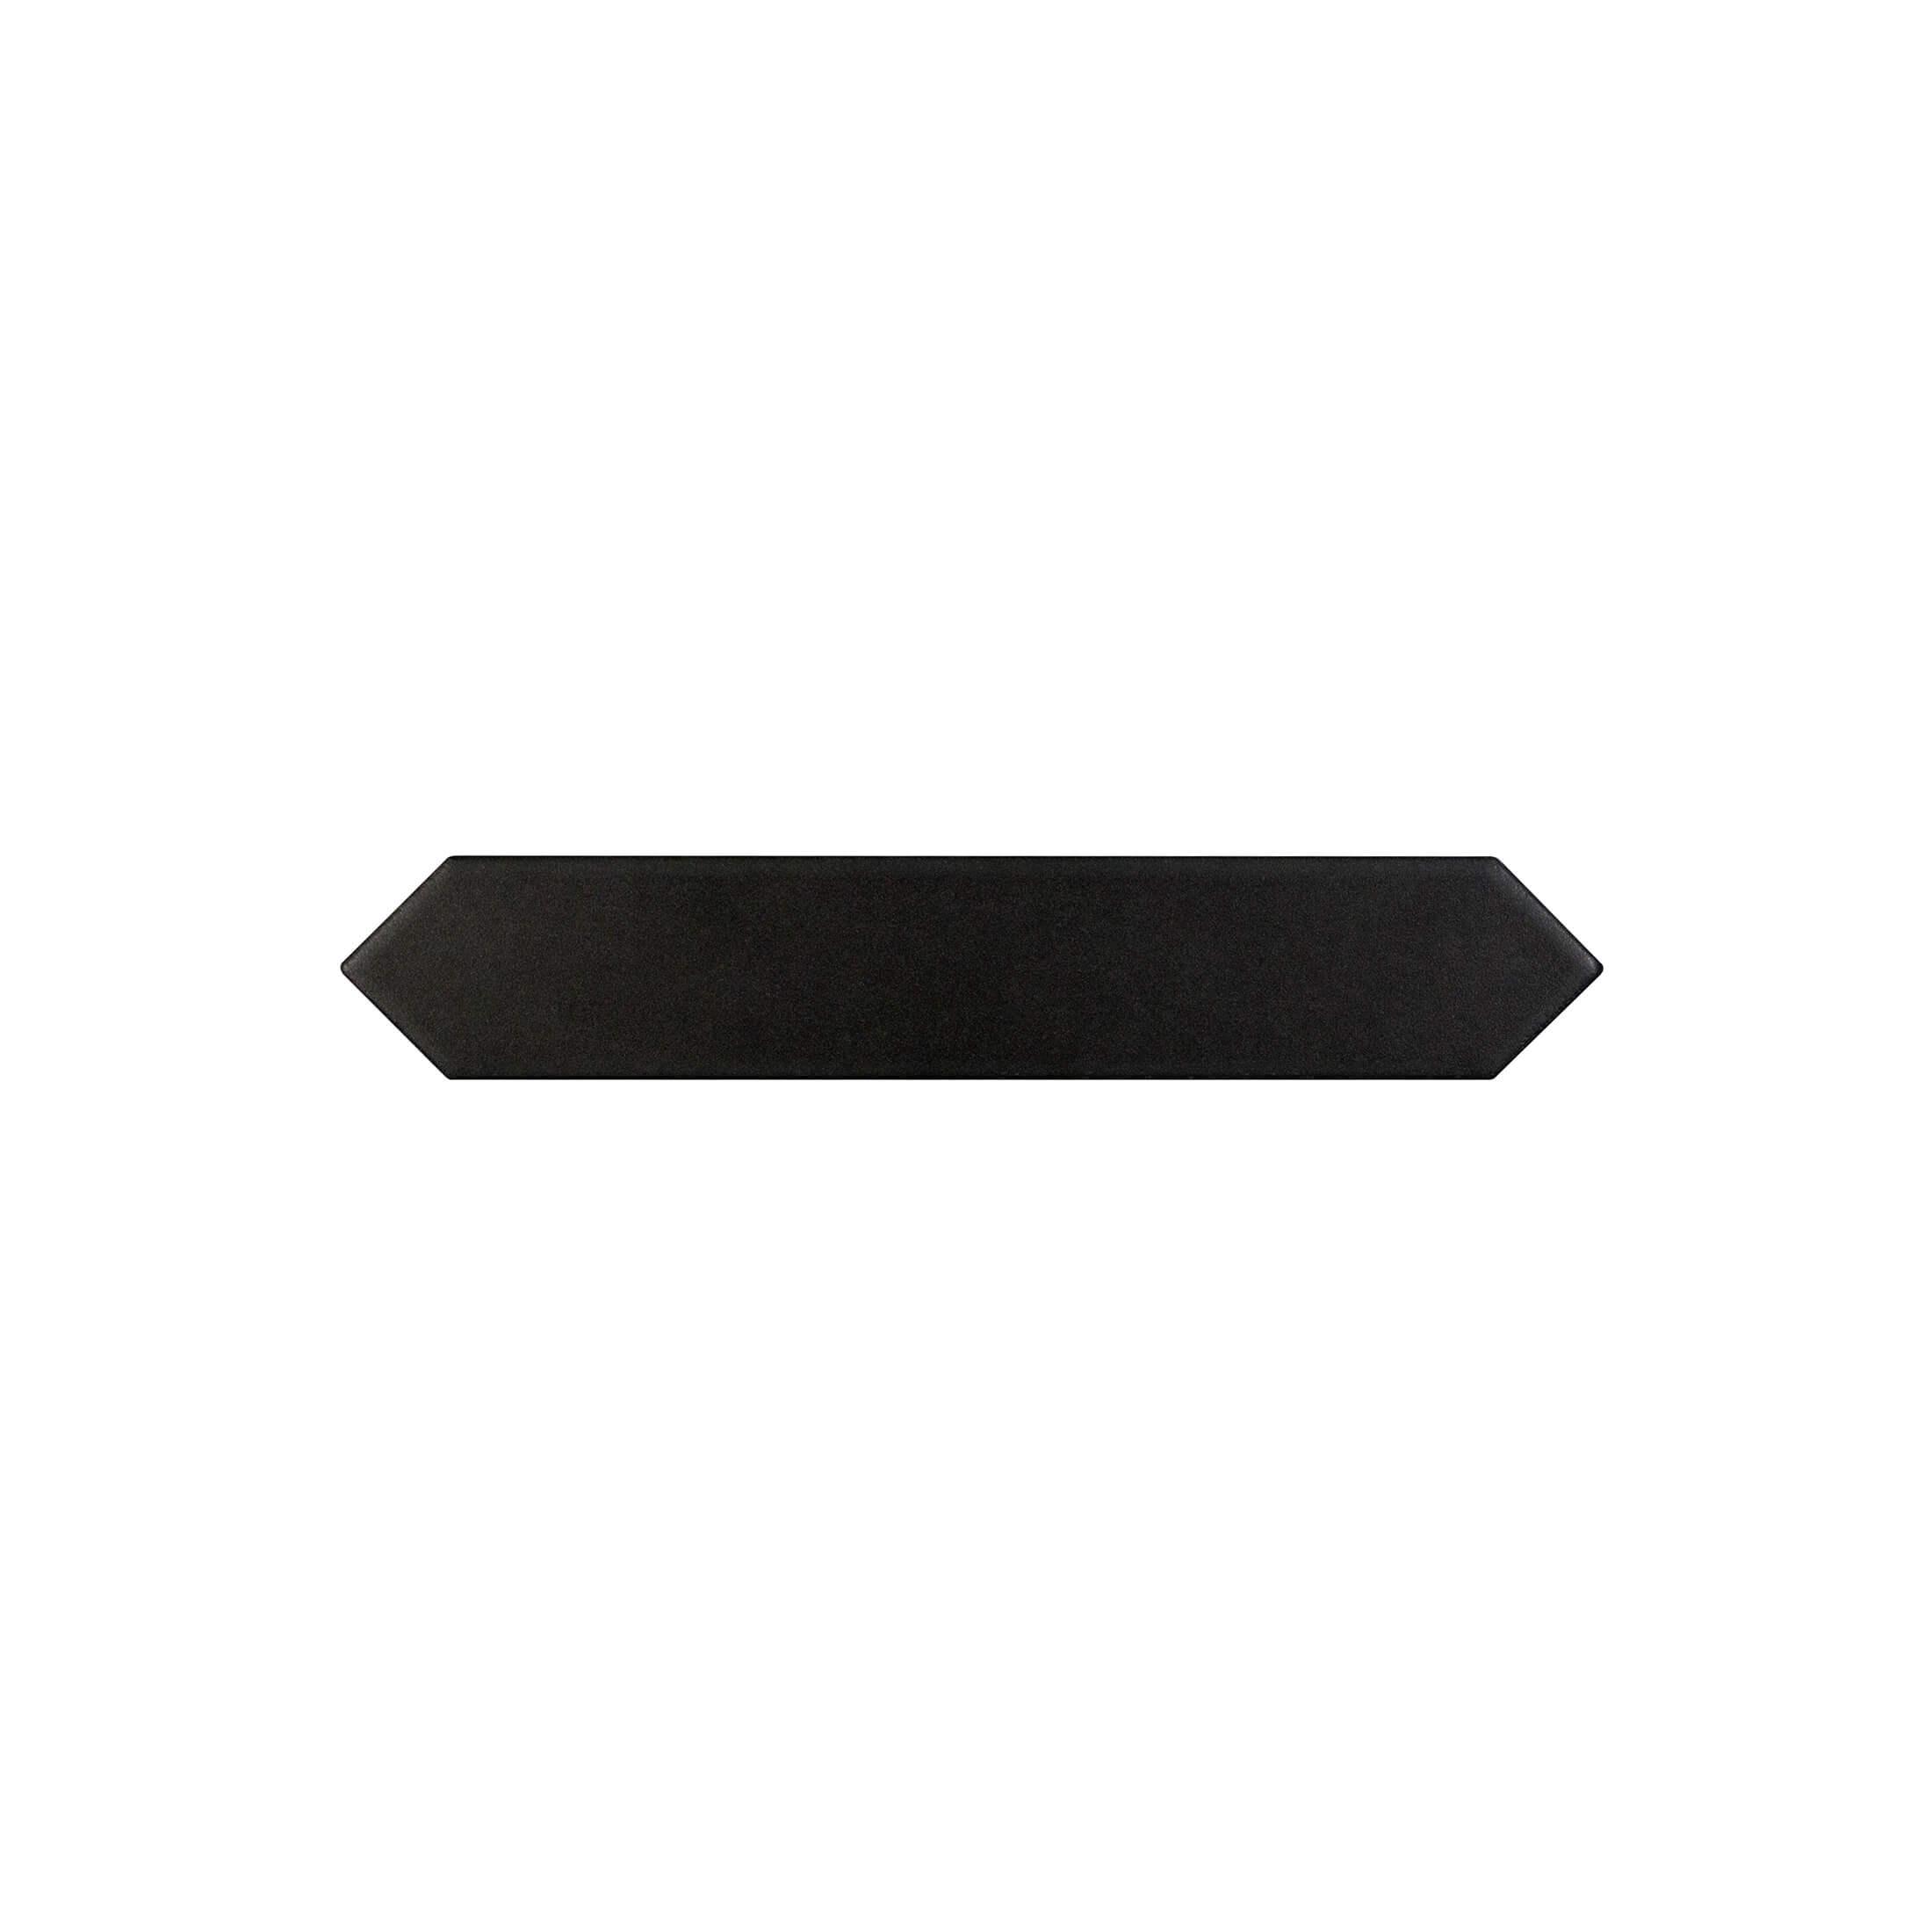 ADPV9032 - PAVIMENTO CRAYON BLACK - 4 cm X 22.5 cm